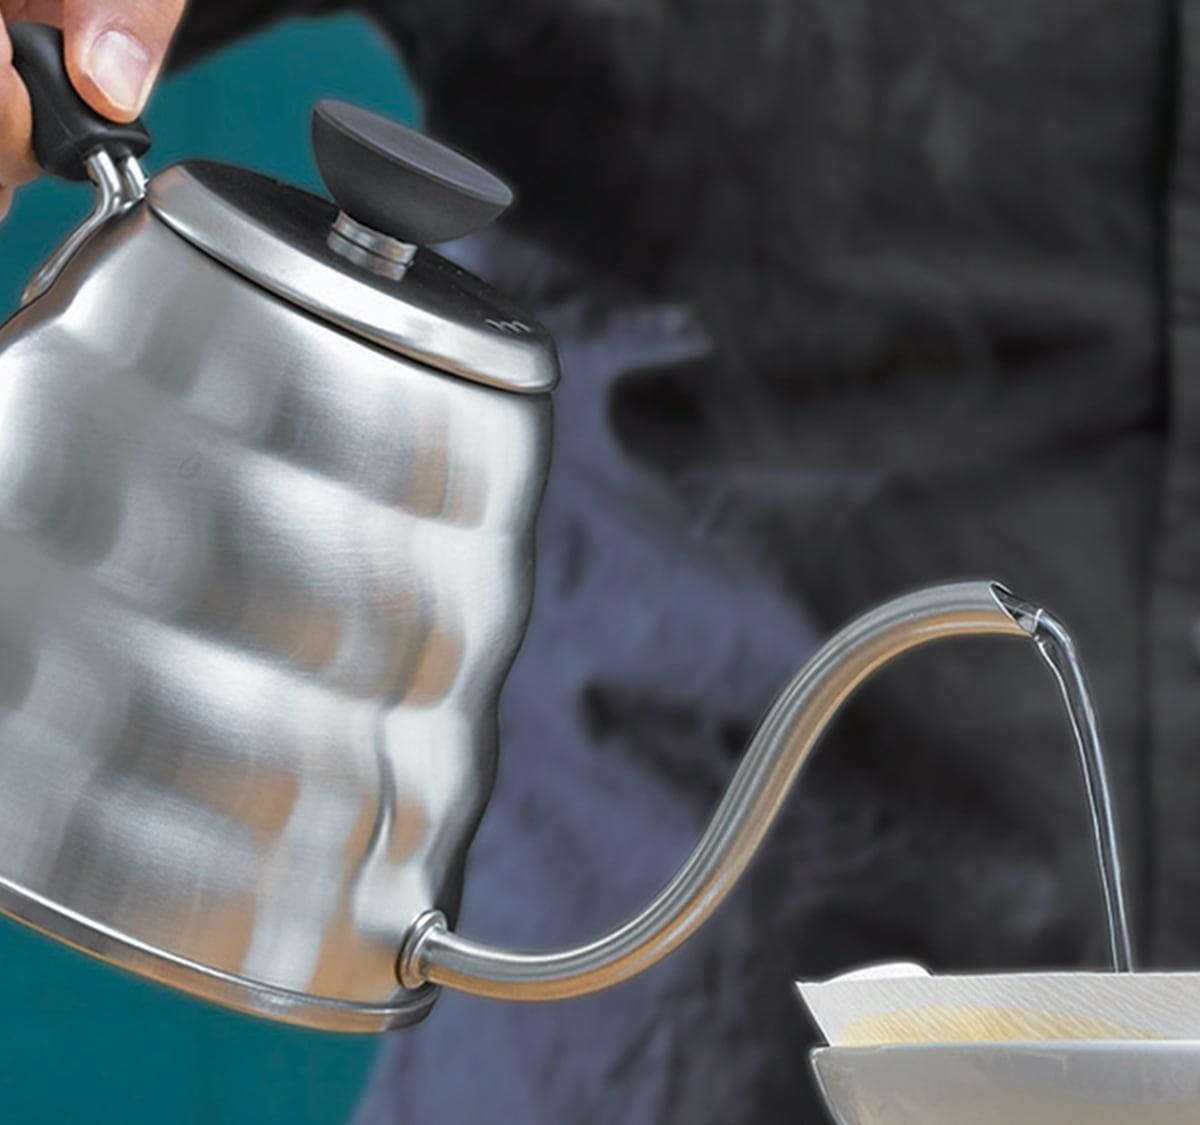 Hario V60 Buono Gooseneck Water Kettle provides an even pour-over brew